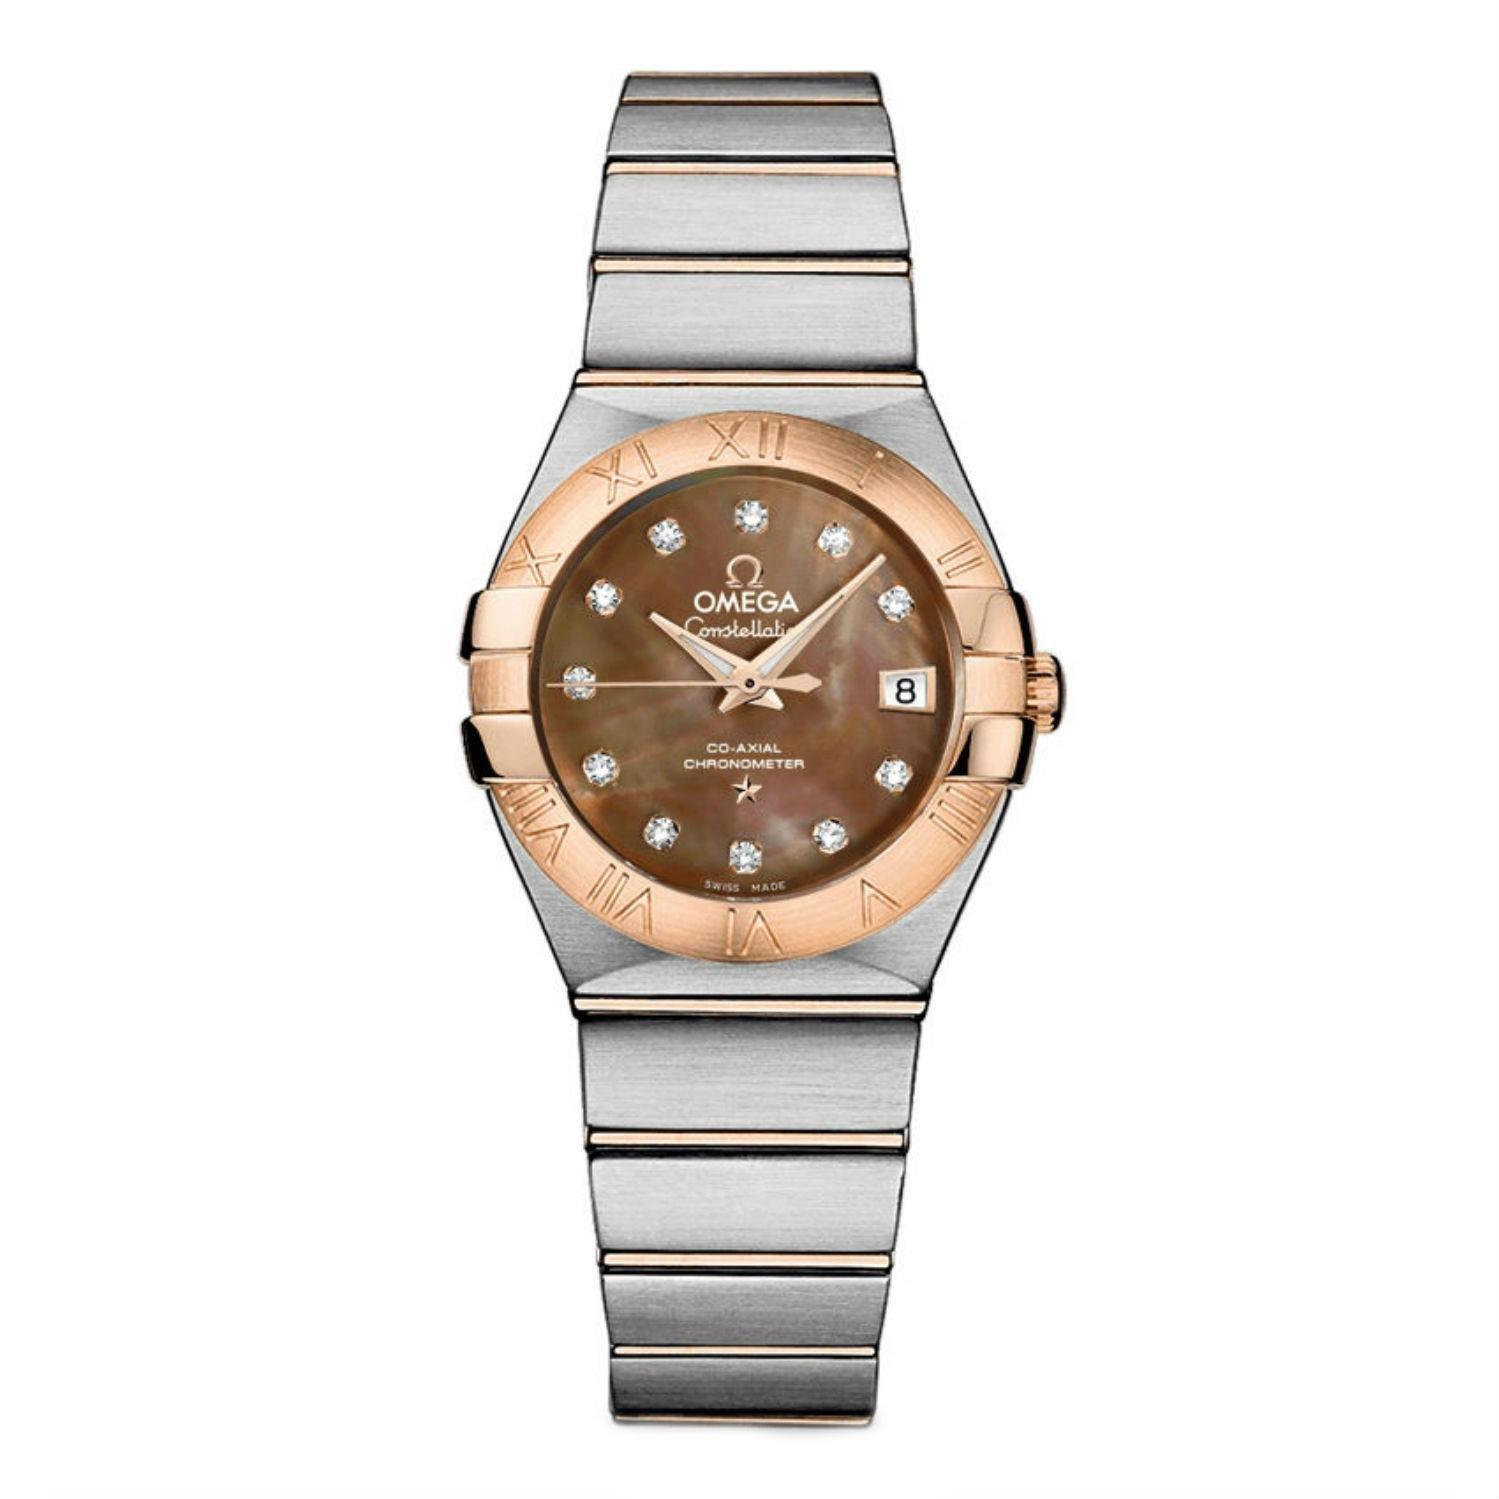 Omega Constellation de la mujer diamante 27 mm acero pulsera y caso automático analógico reloj 123.20.27.20.57.001: Amazon.es: Relojes